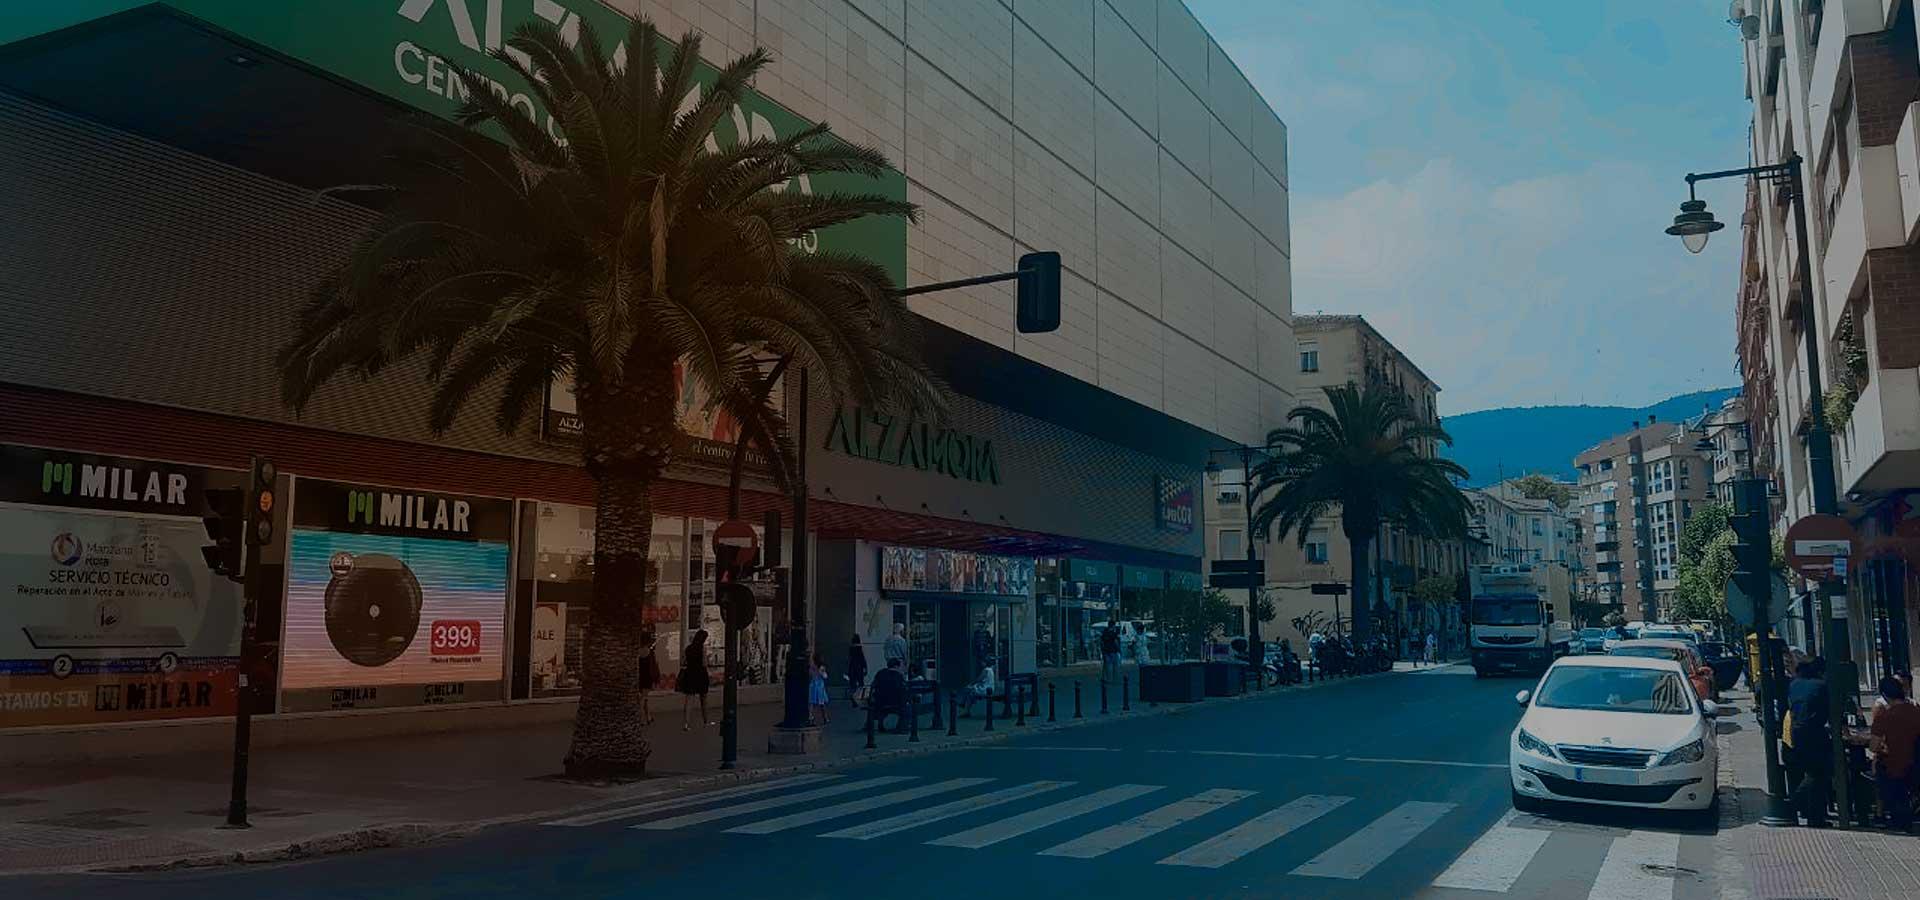 gestión-del-parking-del-CC-Alzamora-de-Alcoy